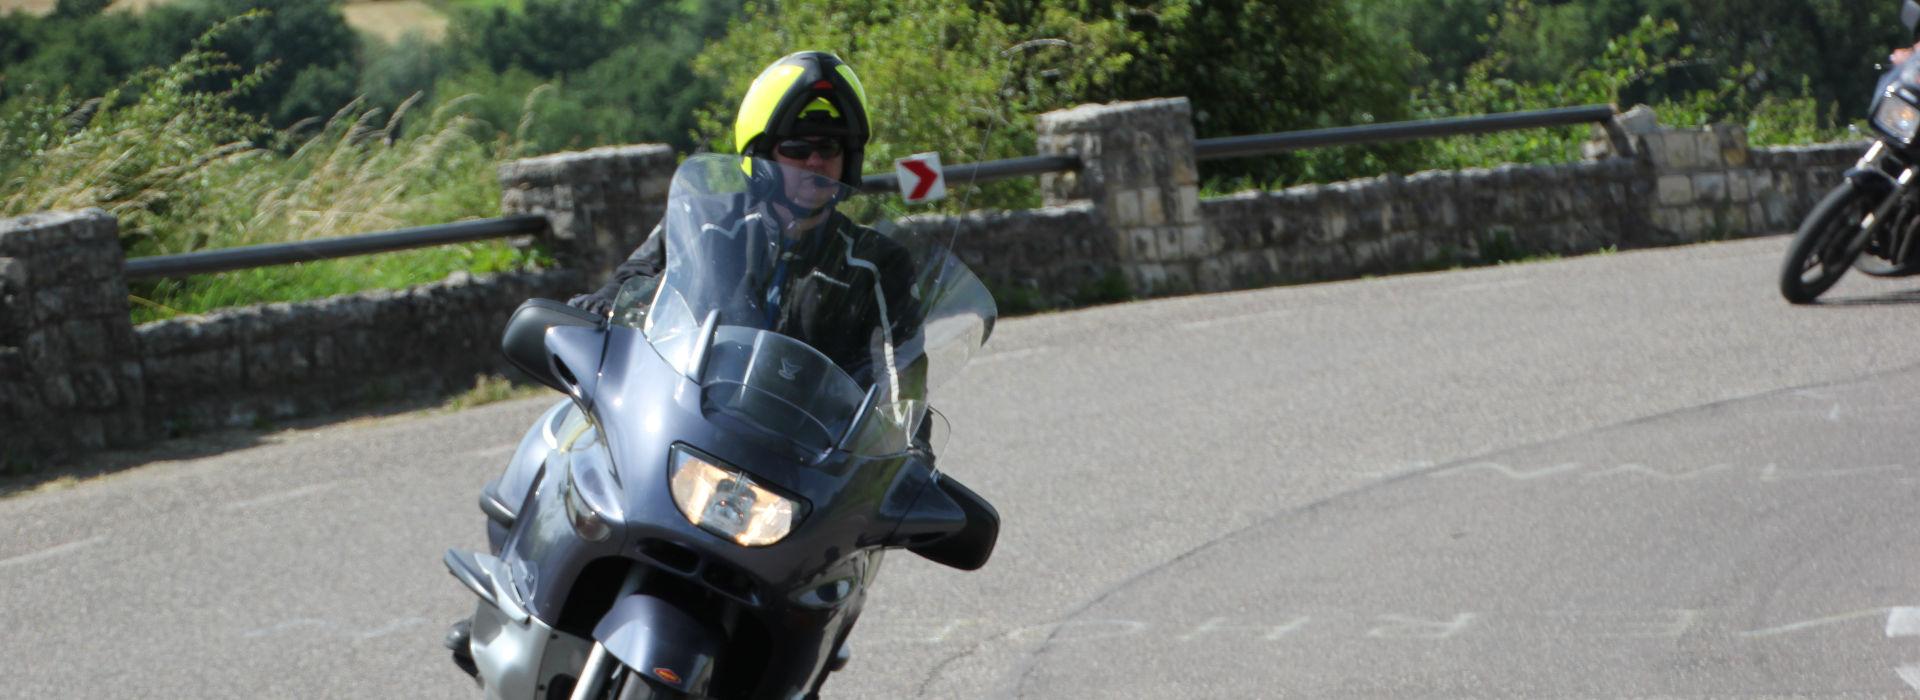 Motorrijbewijspoint Oostvoorne snelcursus motorrijbewijs